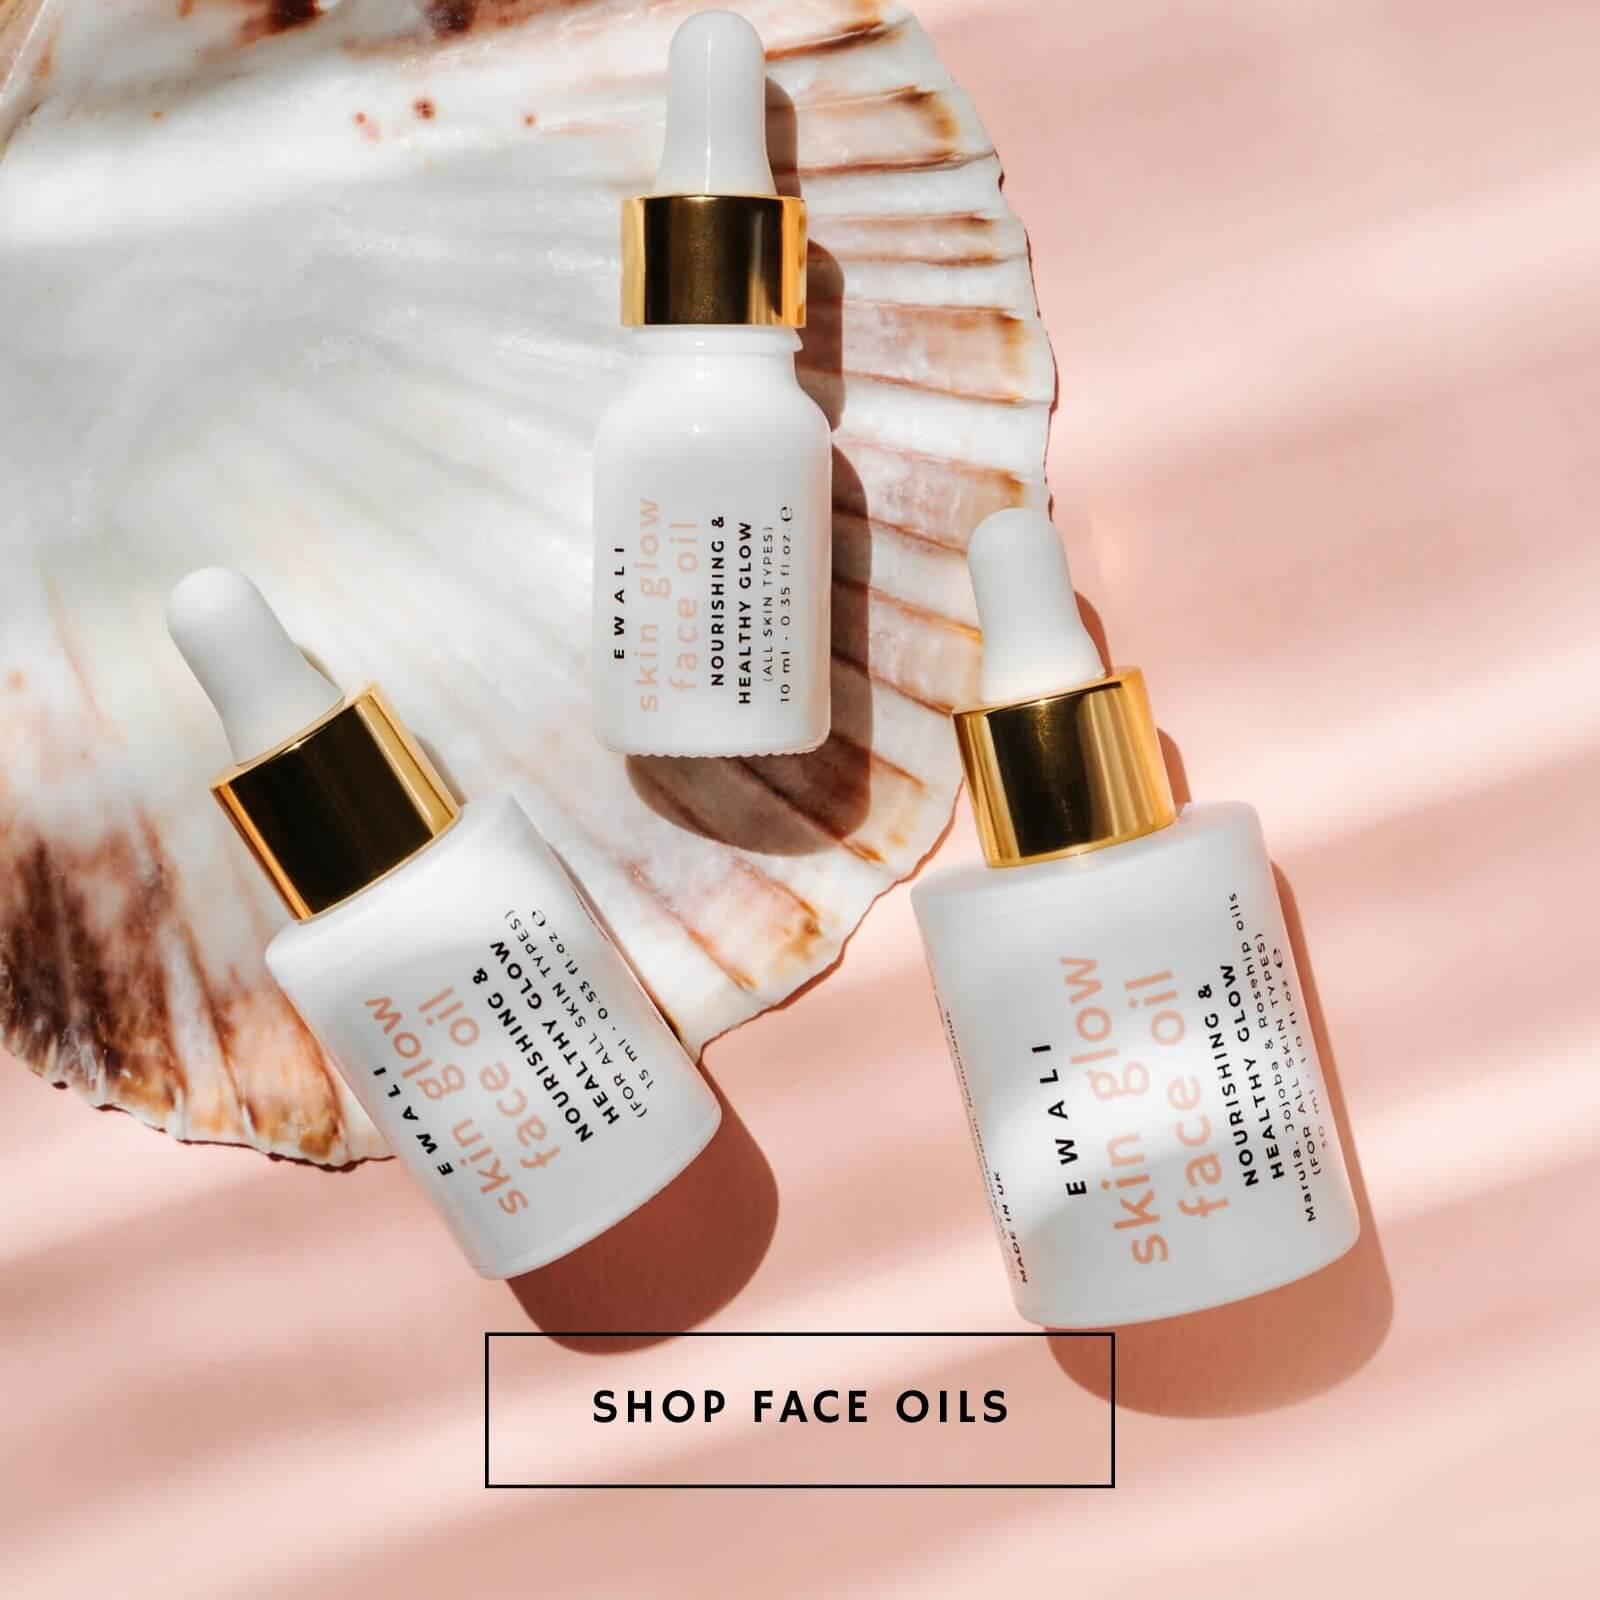 Shop Face Oils